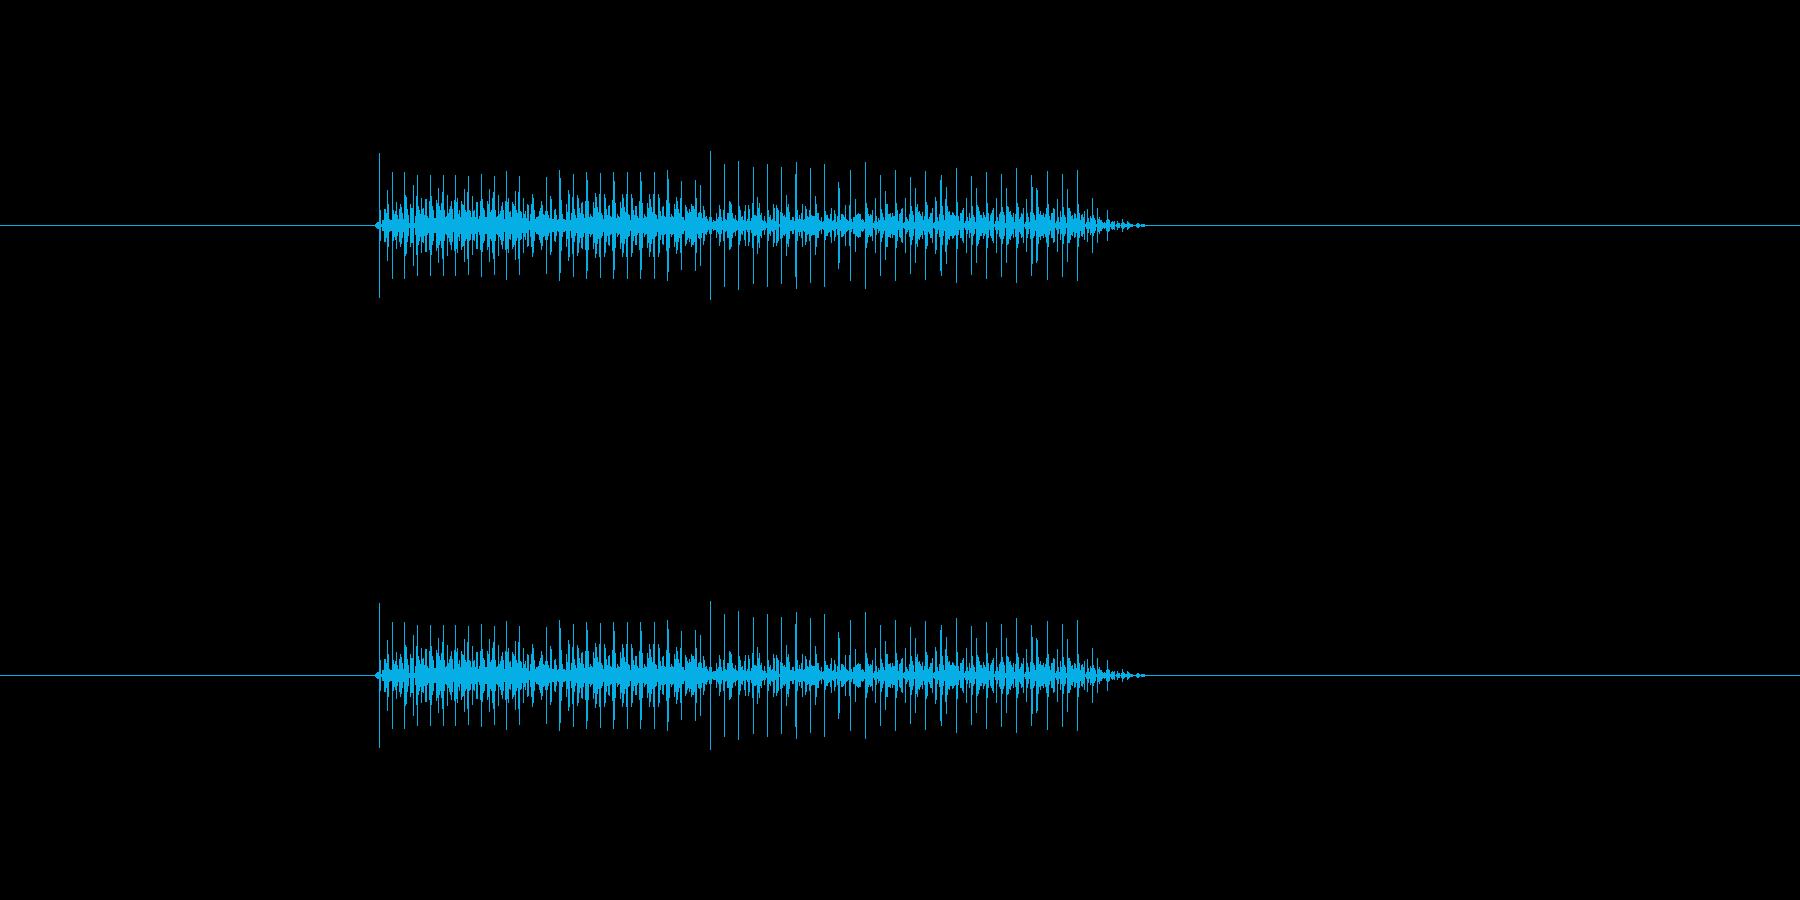 アイテム使用不可等の否定音の再生済みの波形